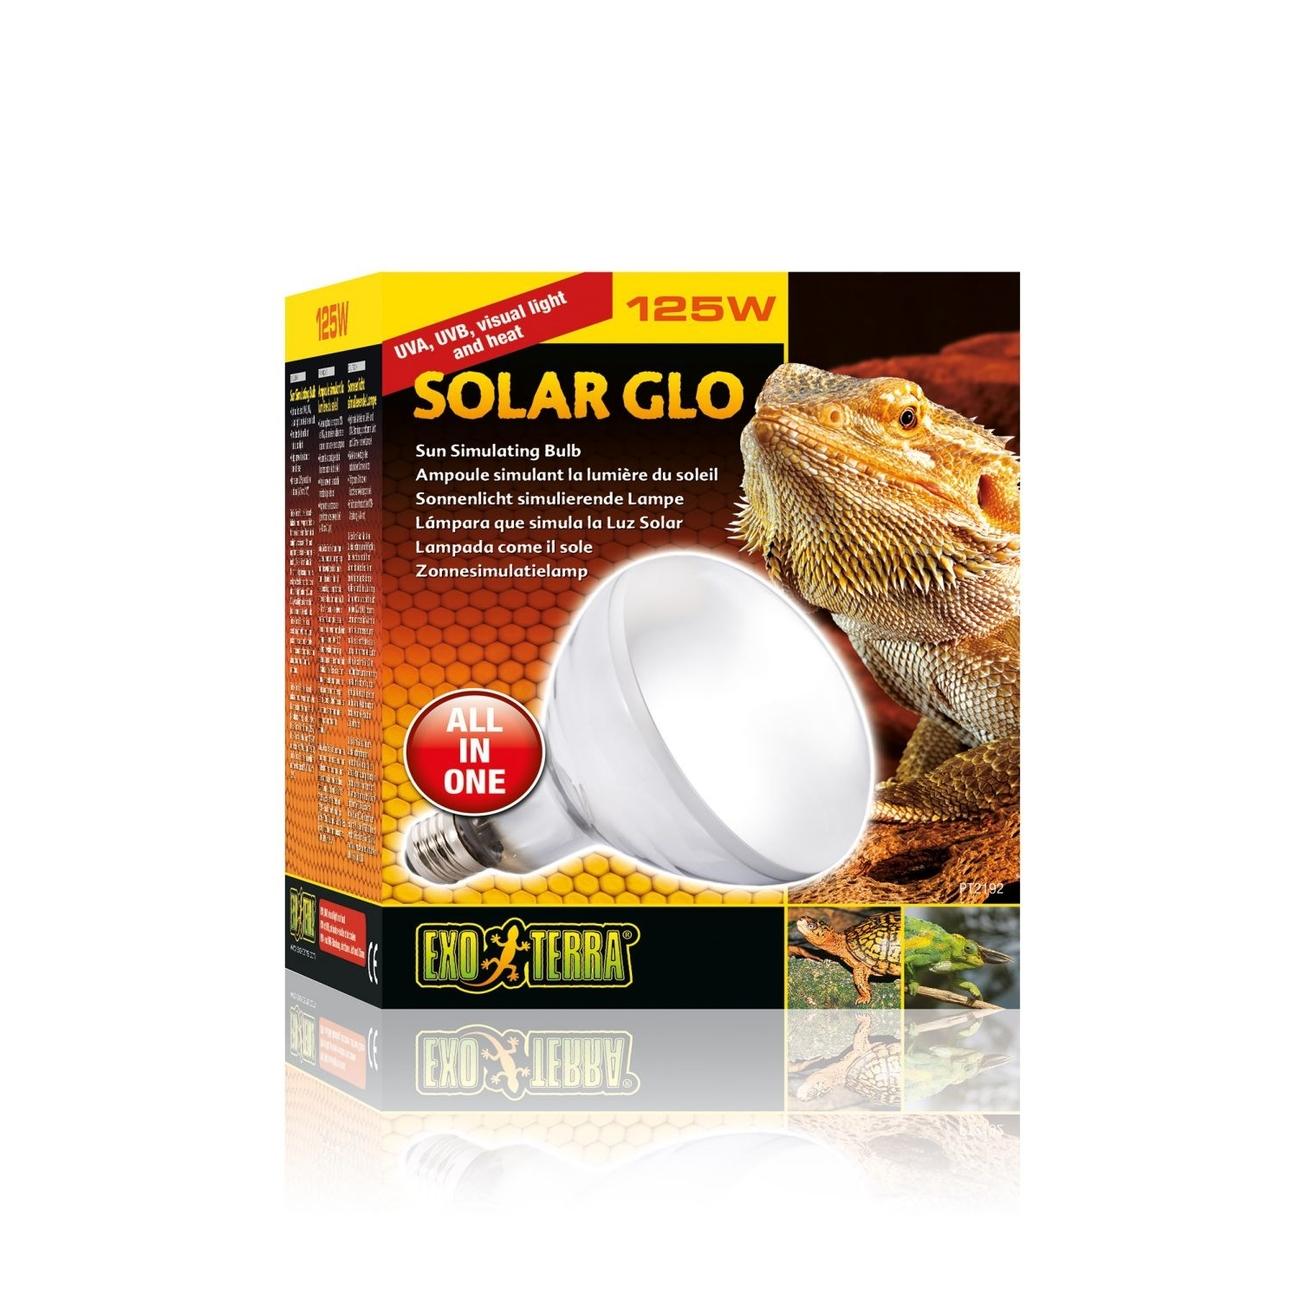 Exo Terra - Solar Glo, Bild 3